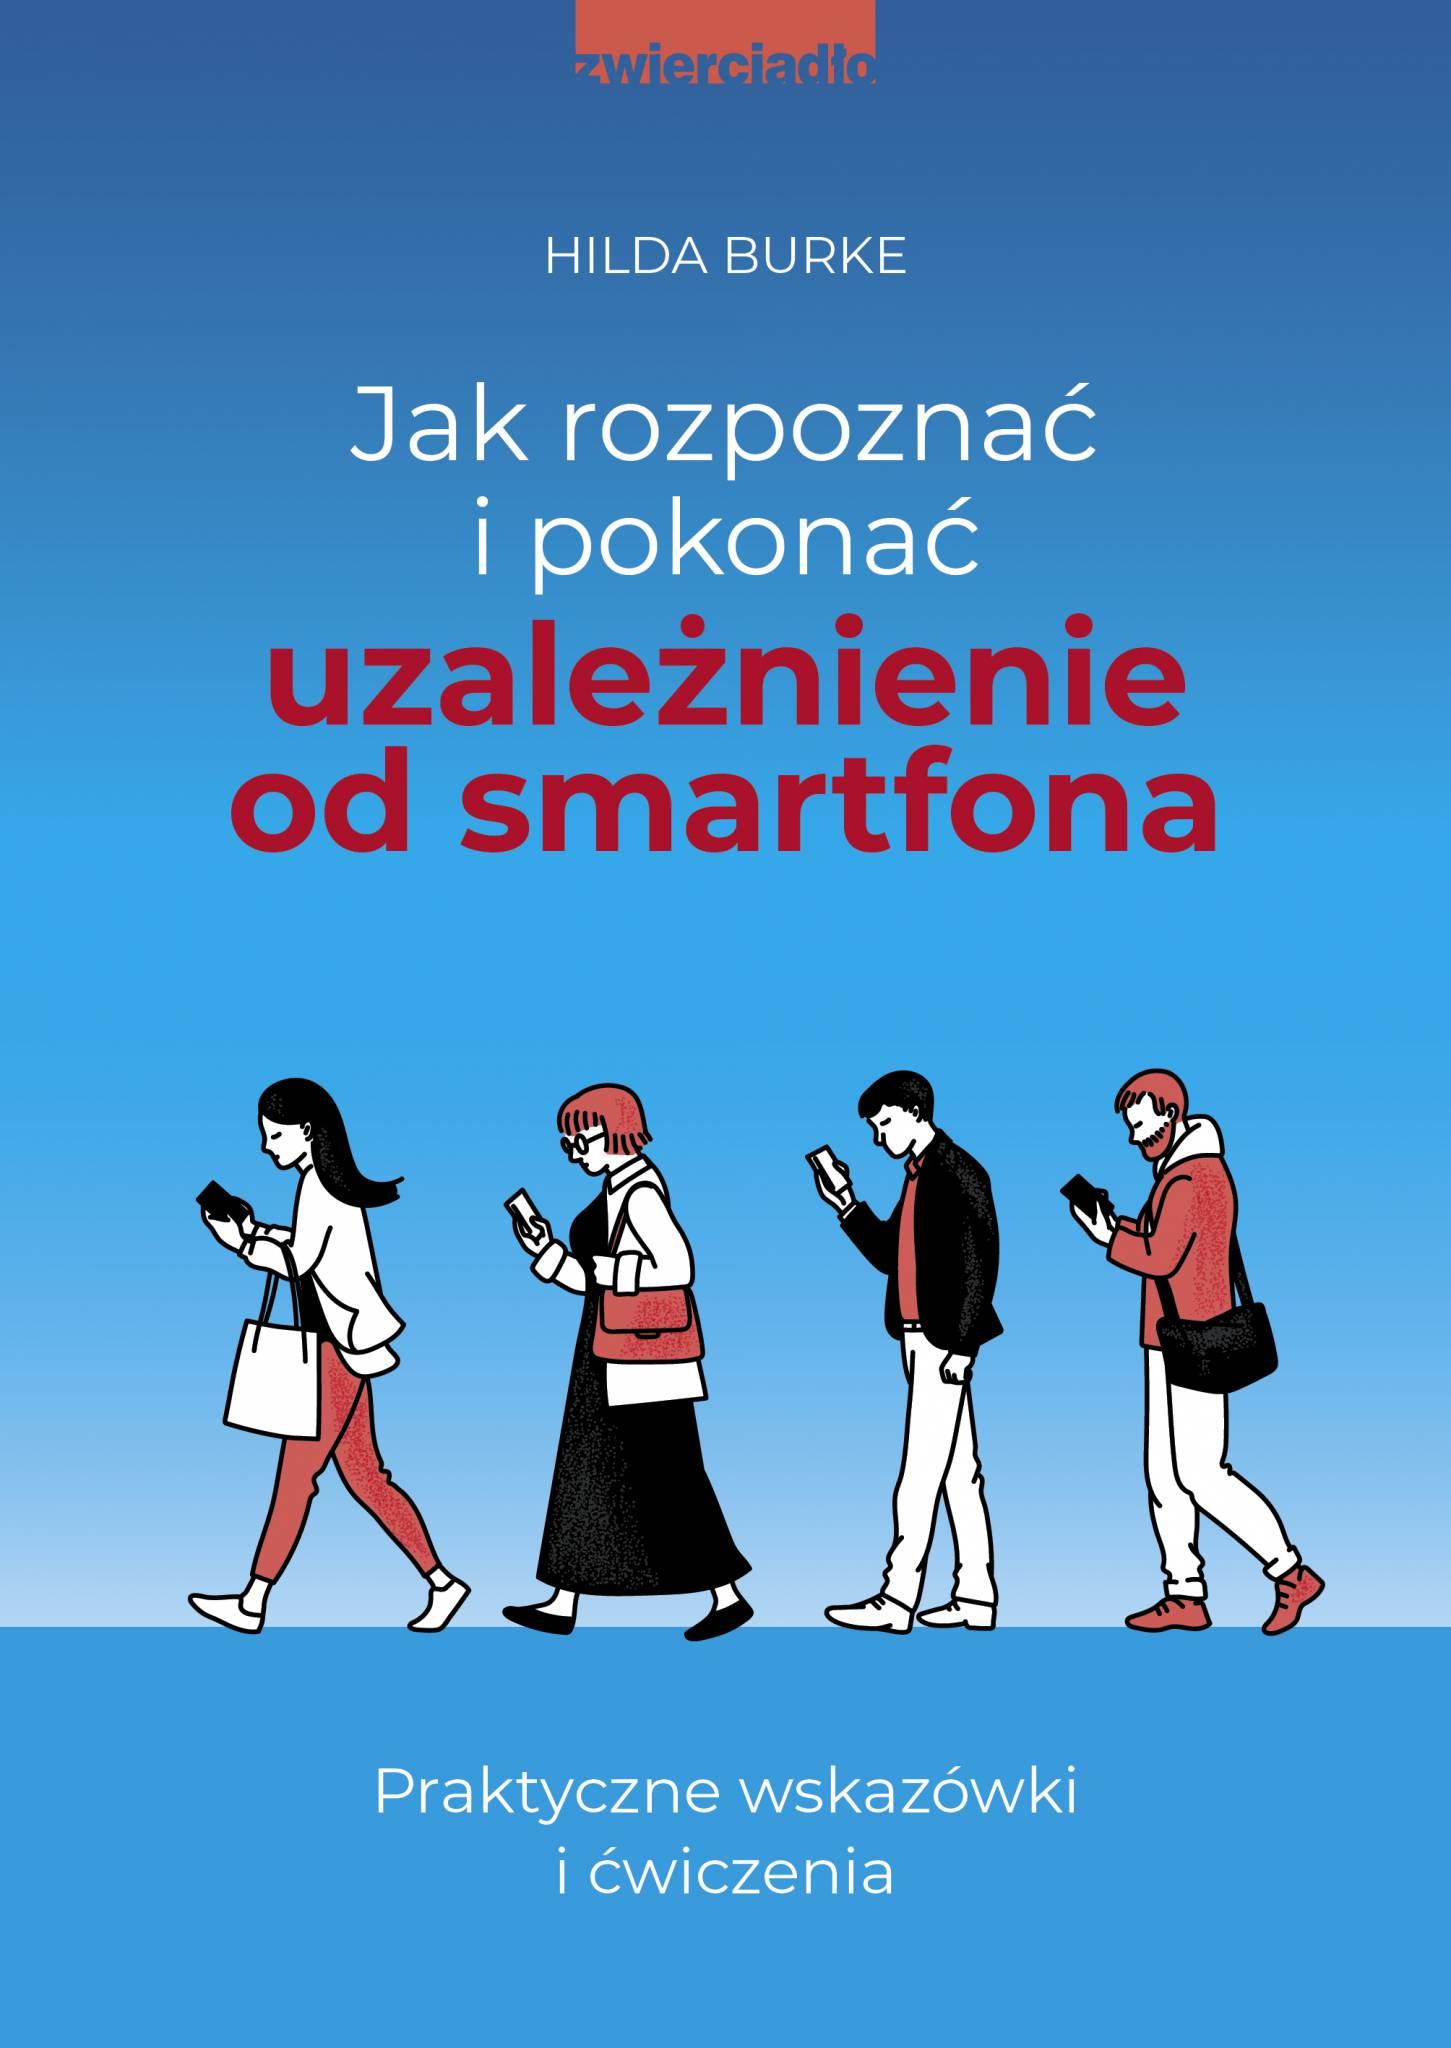 Jak rozpoznać i pokonać uzależnienie od smartfona